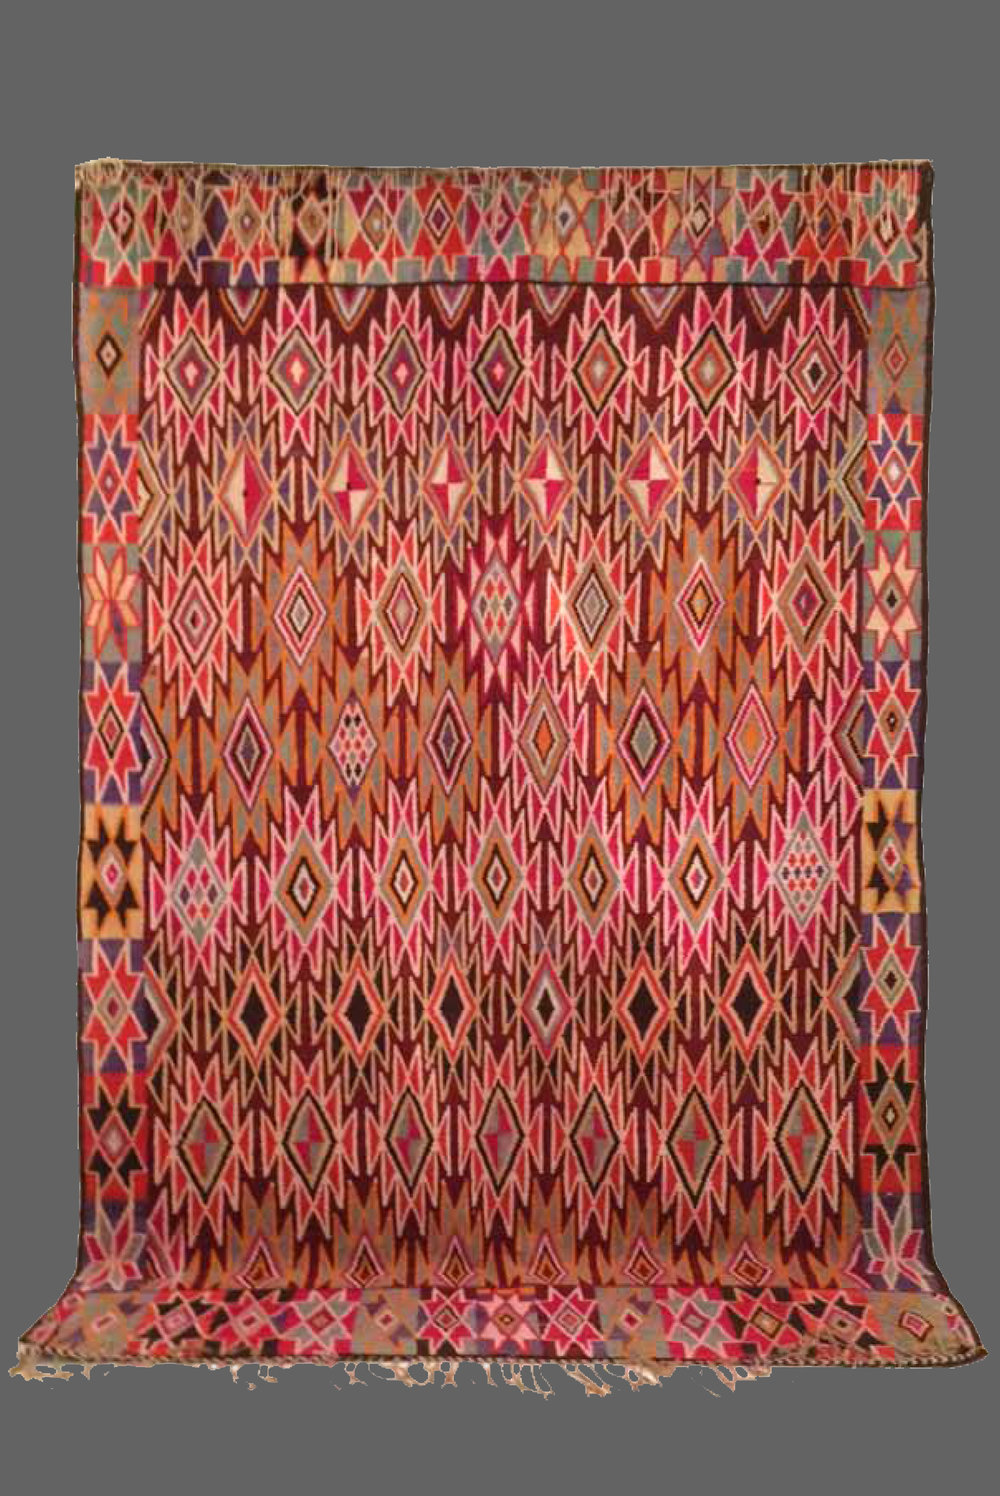 Ethnie : Gafsa  Origine : Tunisie  Année : 1980  Dimensions : 3,00 x 1,95  Technique : Tissage serré  Description : Sublime kilim , inspiration africaine, harmonie des couleurs, pièce rare  Référence : KG 001  Prix : 1700€